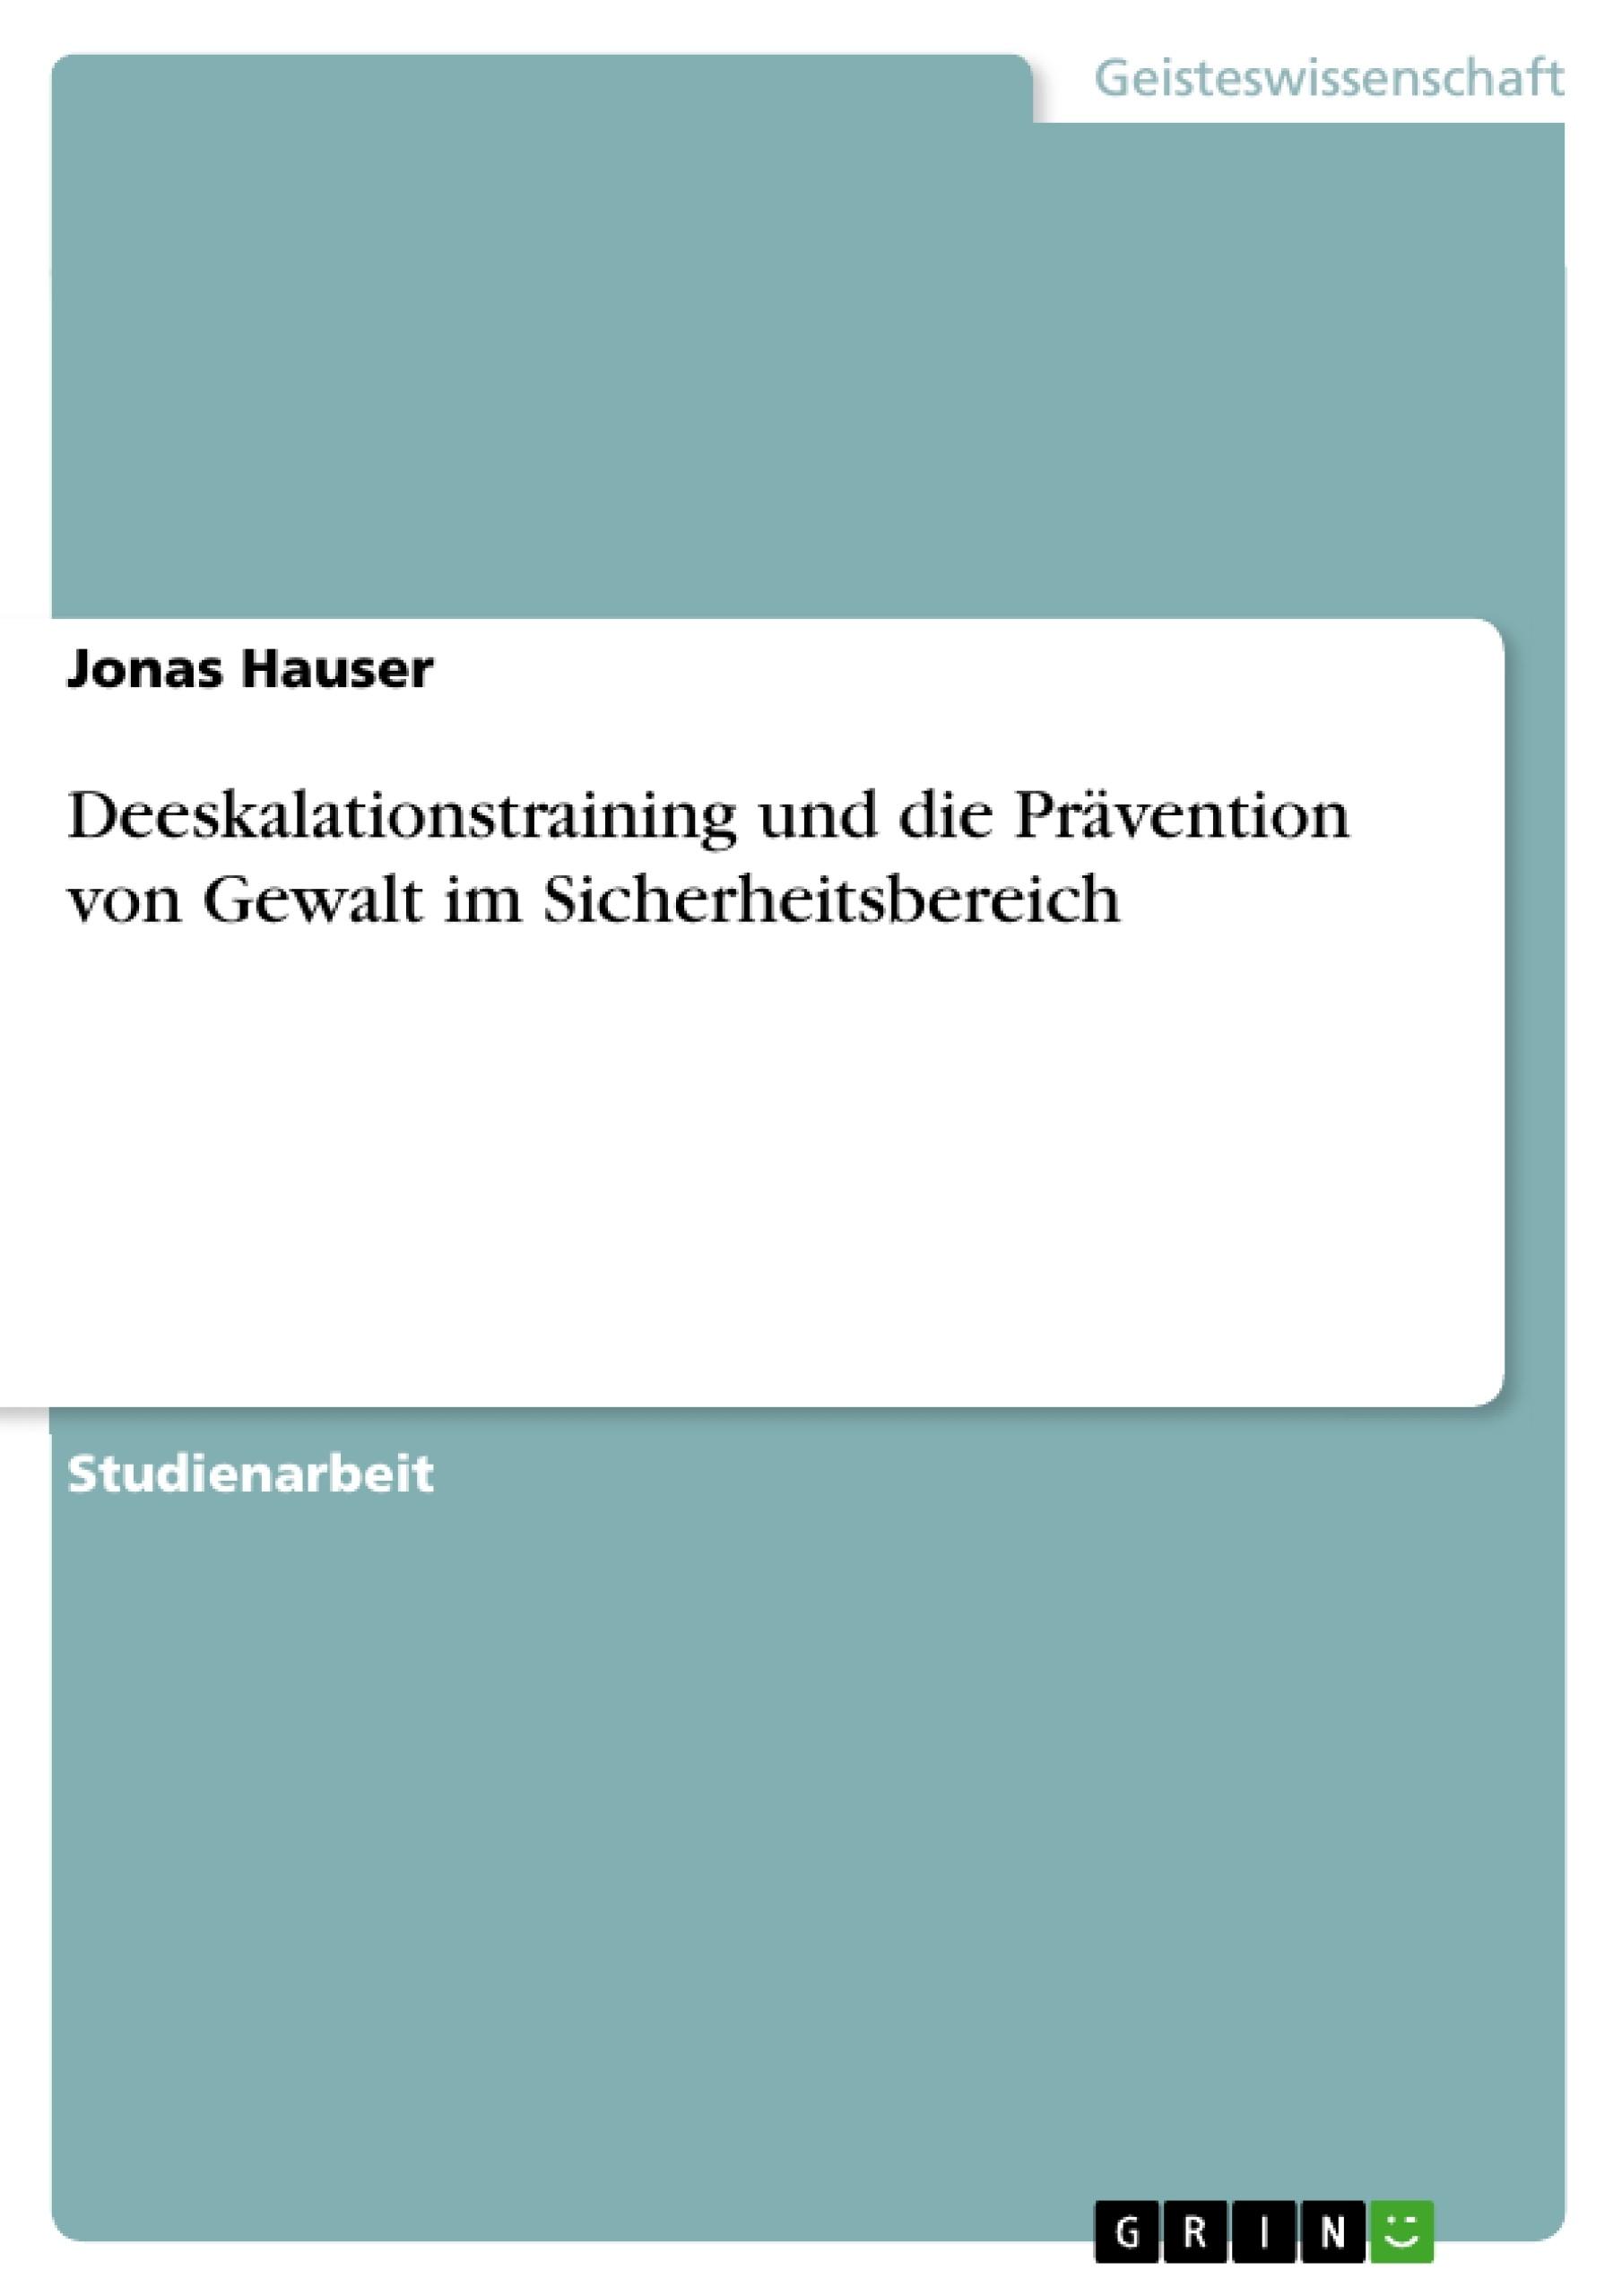 Titel: Deeskalationstraining und die Prävention von Gewalt im Sicherheitsbereich